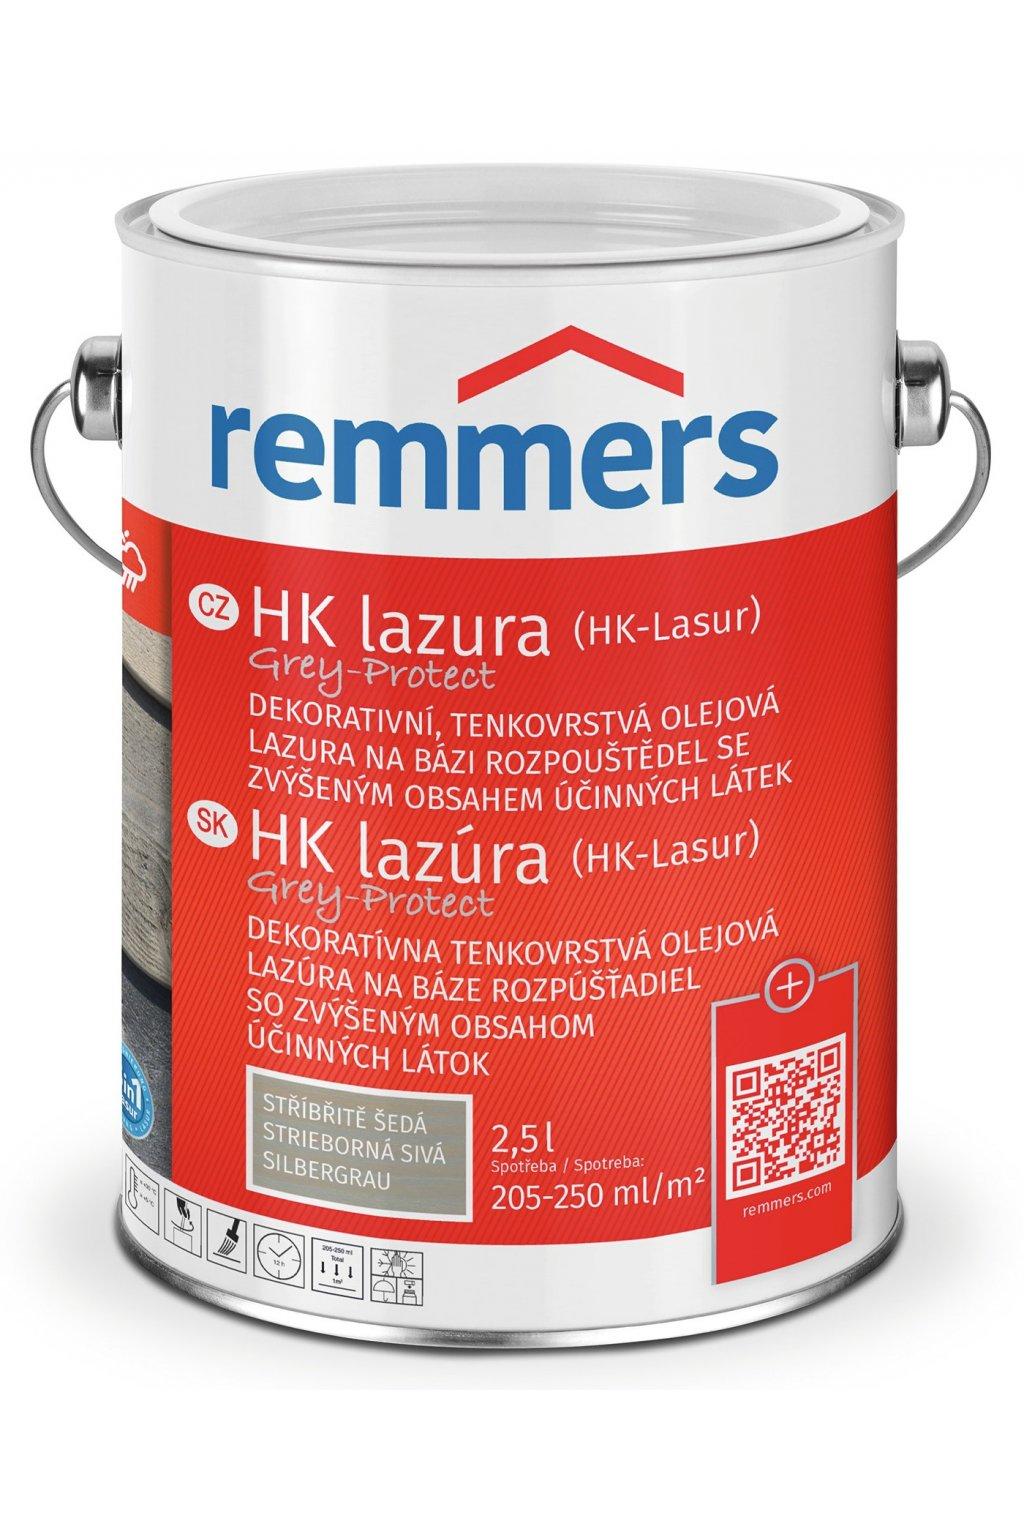 REM 0000225703 HK Lasur Grey Protect CZ SK (2)